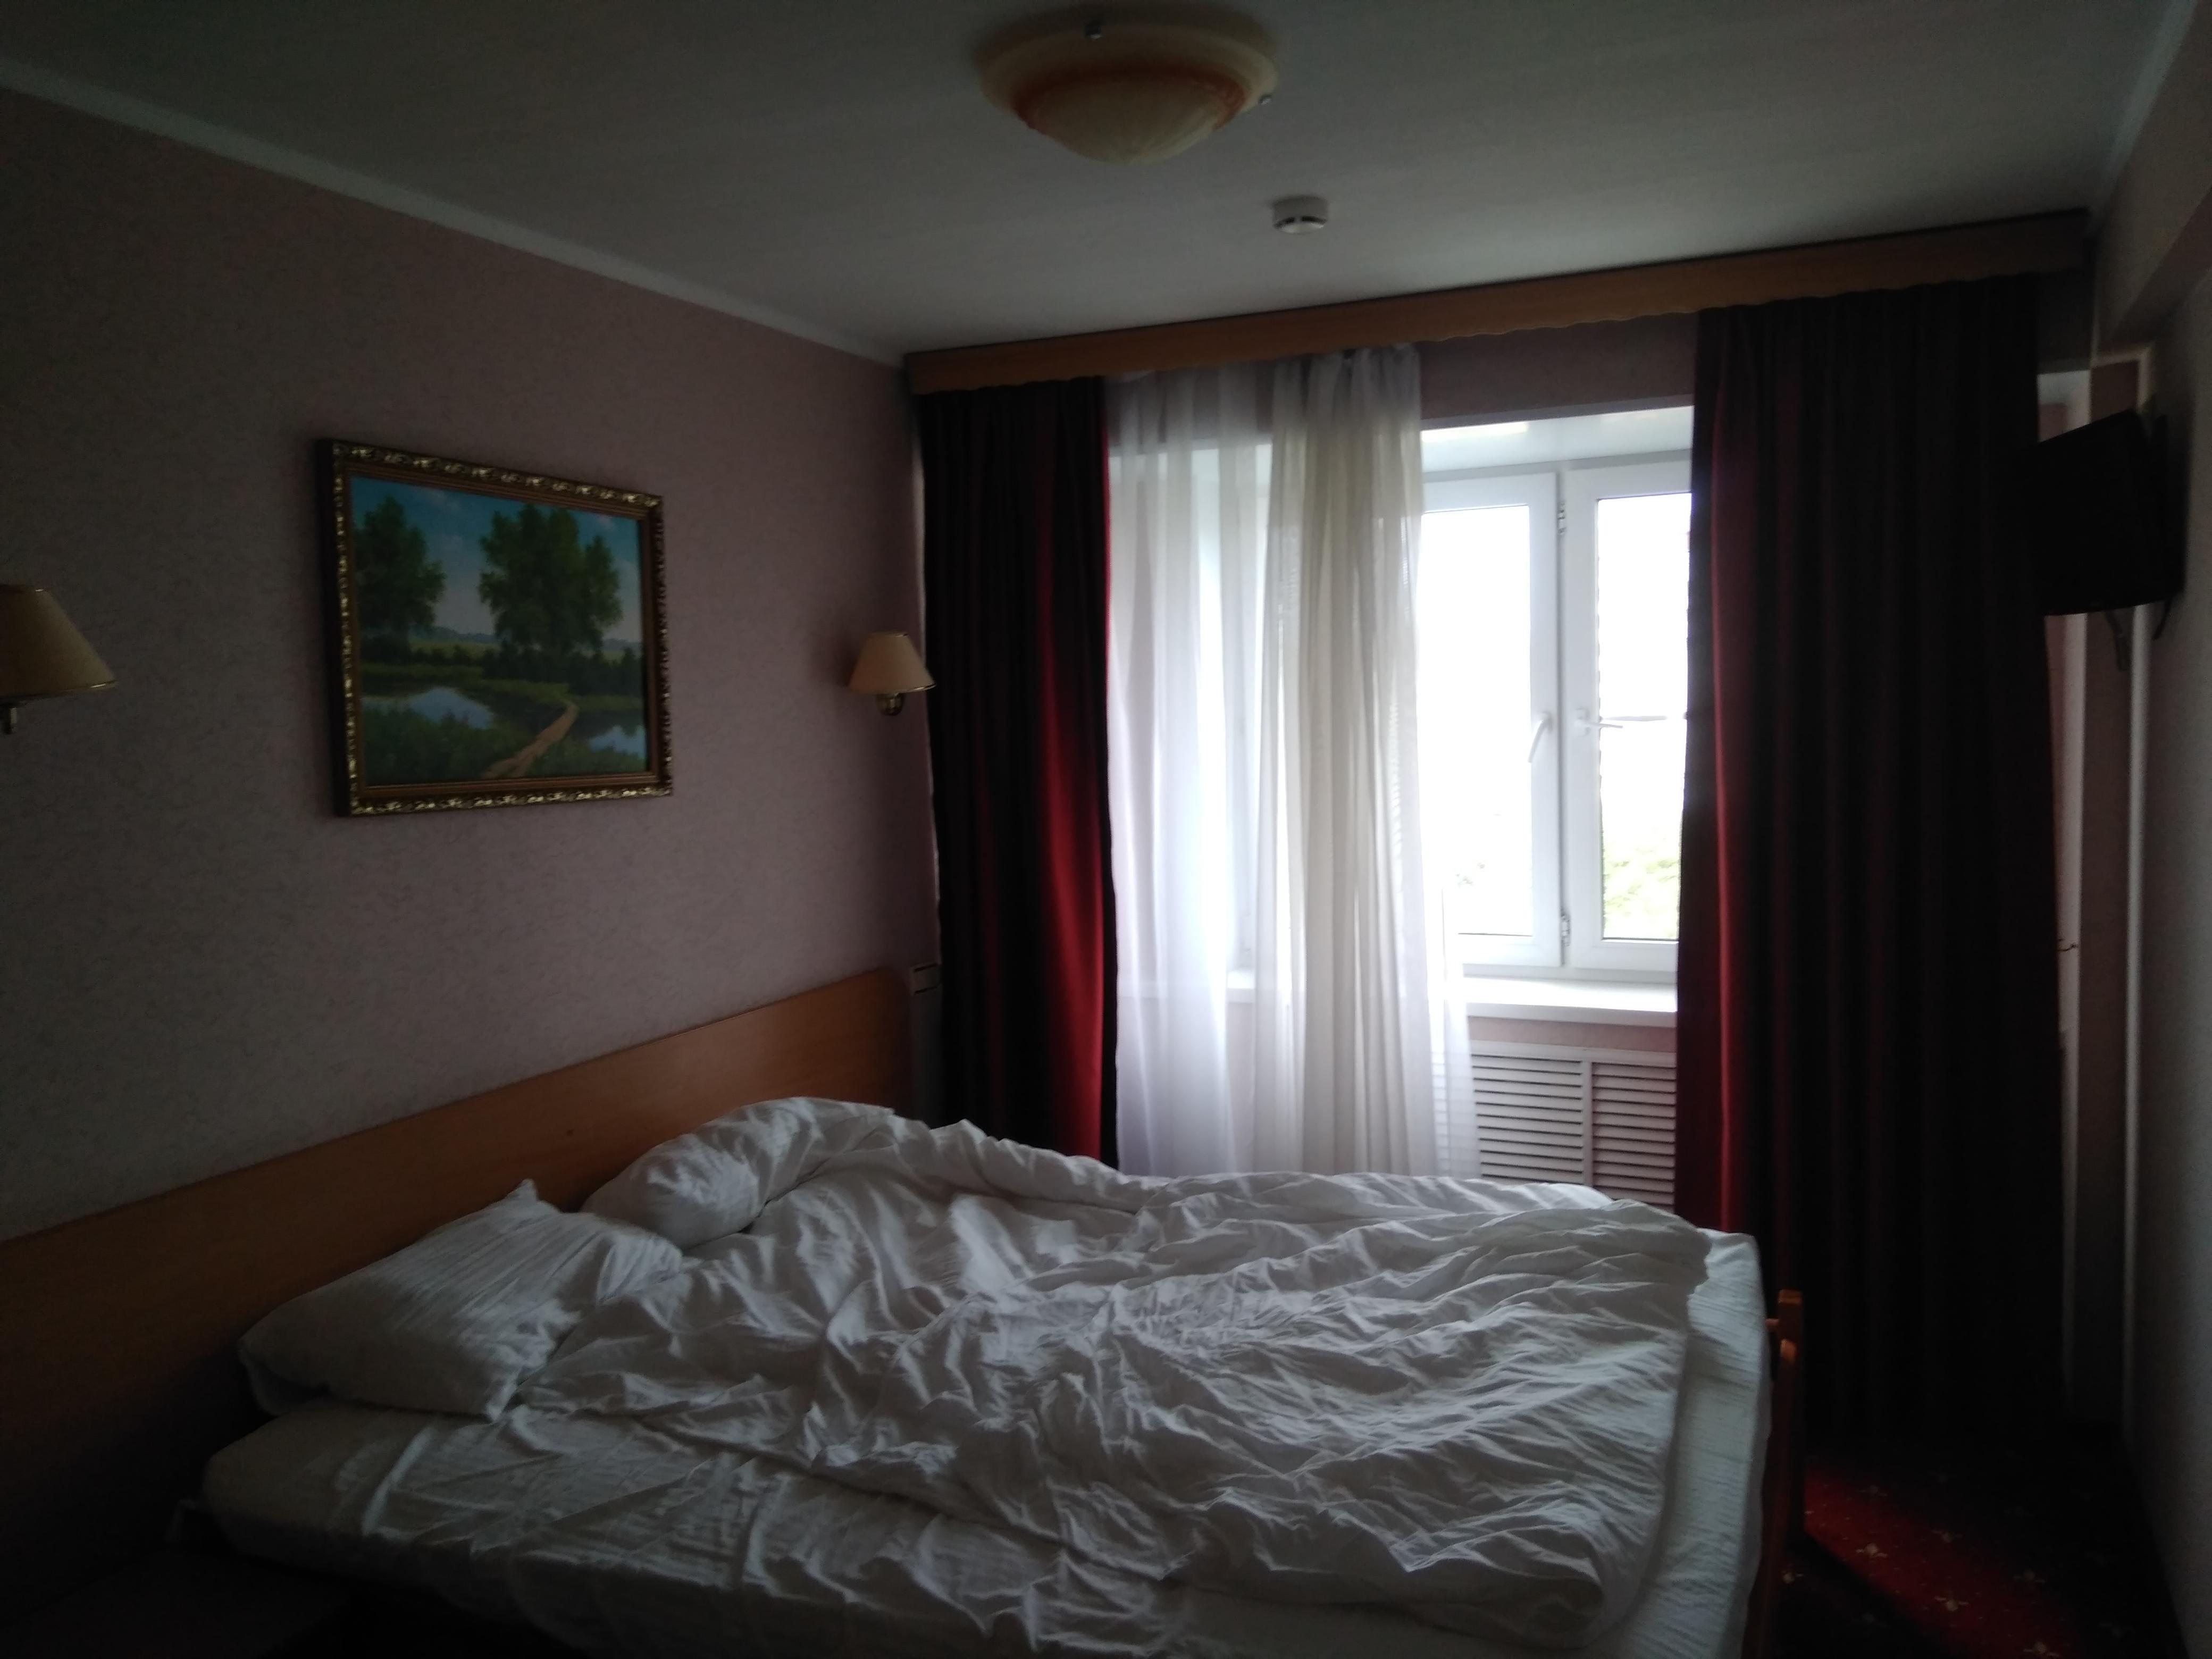 АМАКС Золотое кольцо, гостинично-развлекательный комплекс - №12